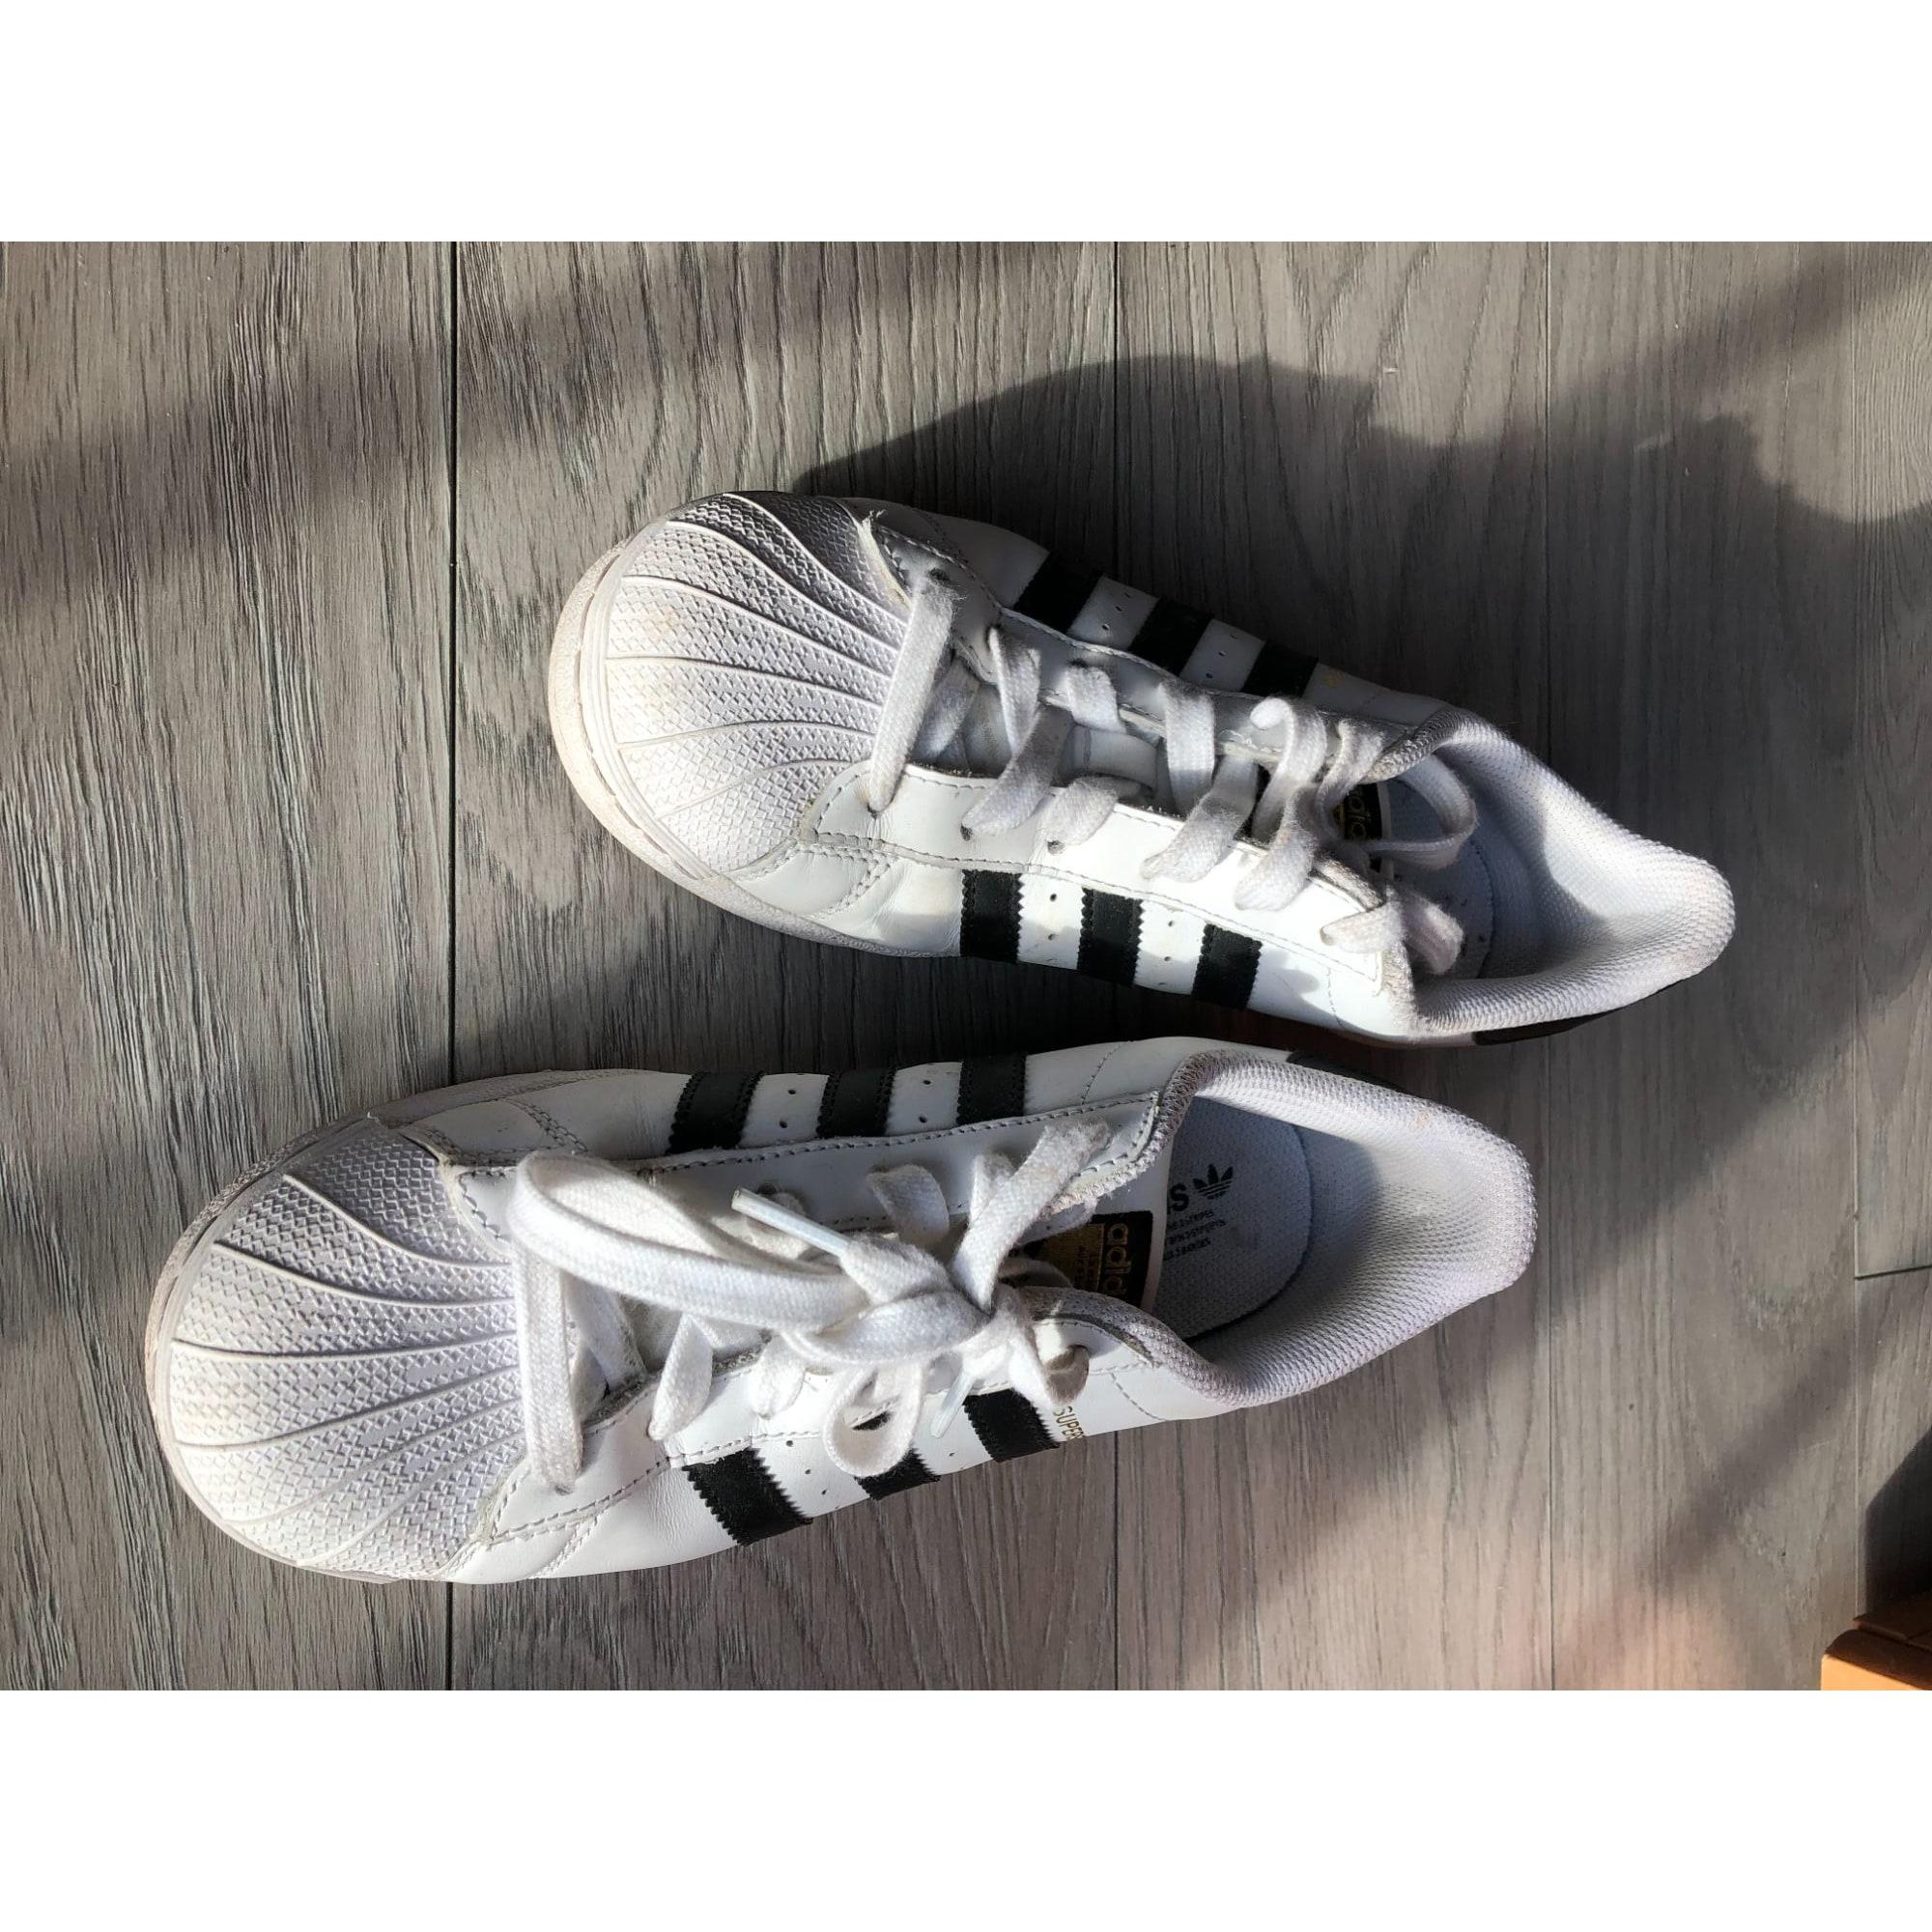 Sneakers ADIDAS Superstar Weiß, elfenbeinfarben